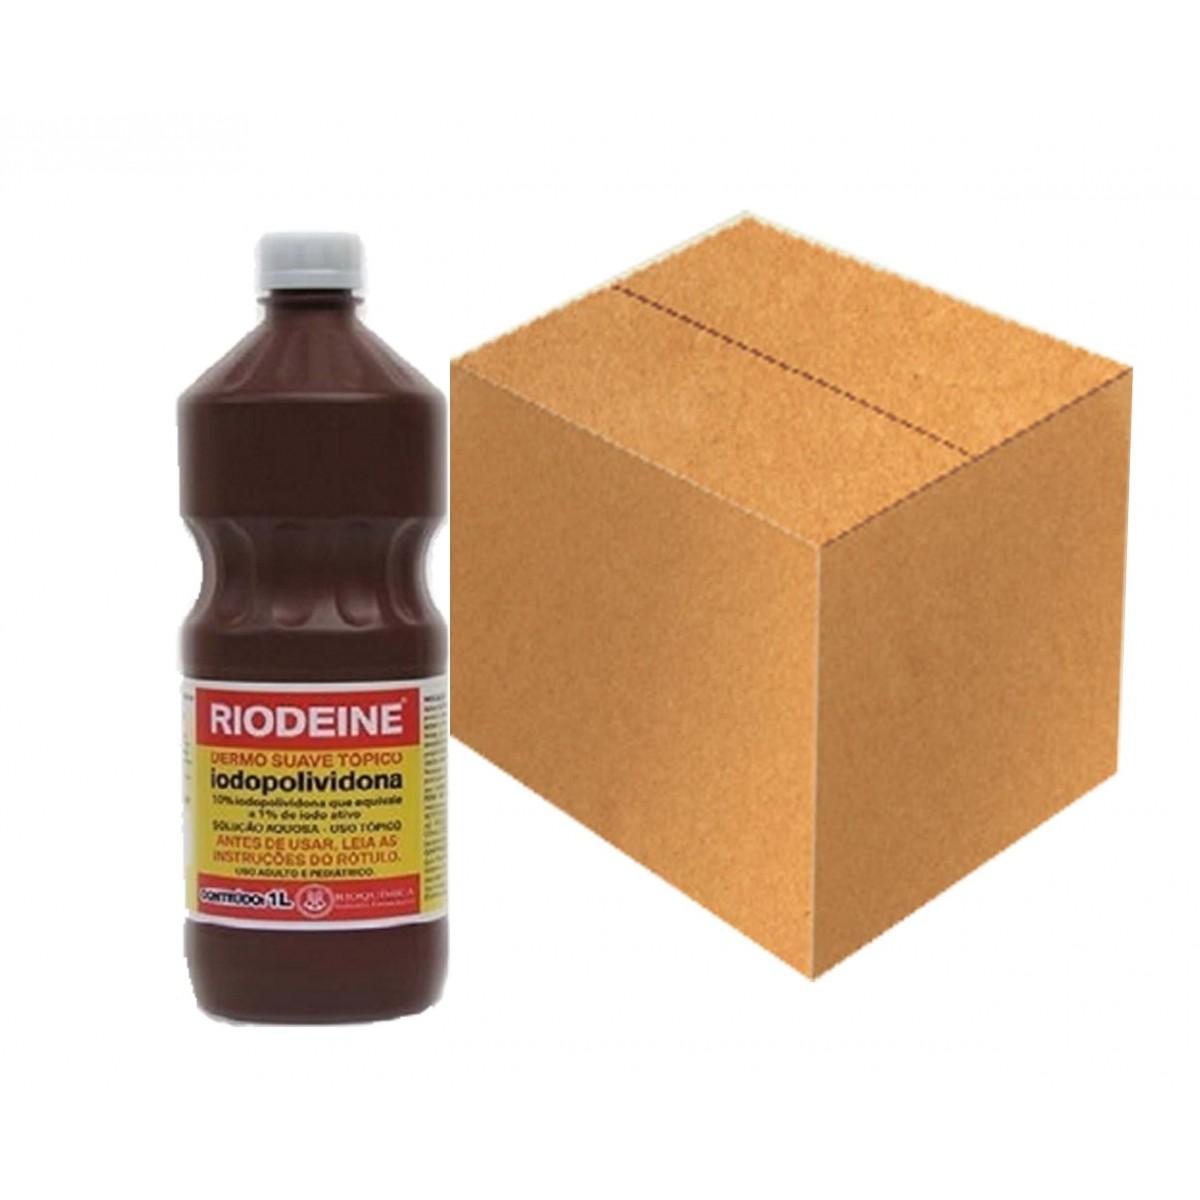 Riodeine Dermo Suave Tópico(iodopolividona 10%) 1L - Cx c/12 unid - RIOQUÍMICA